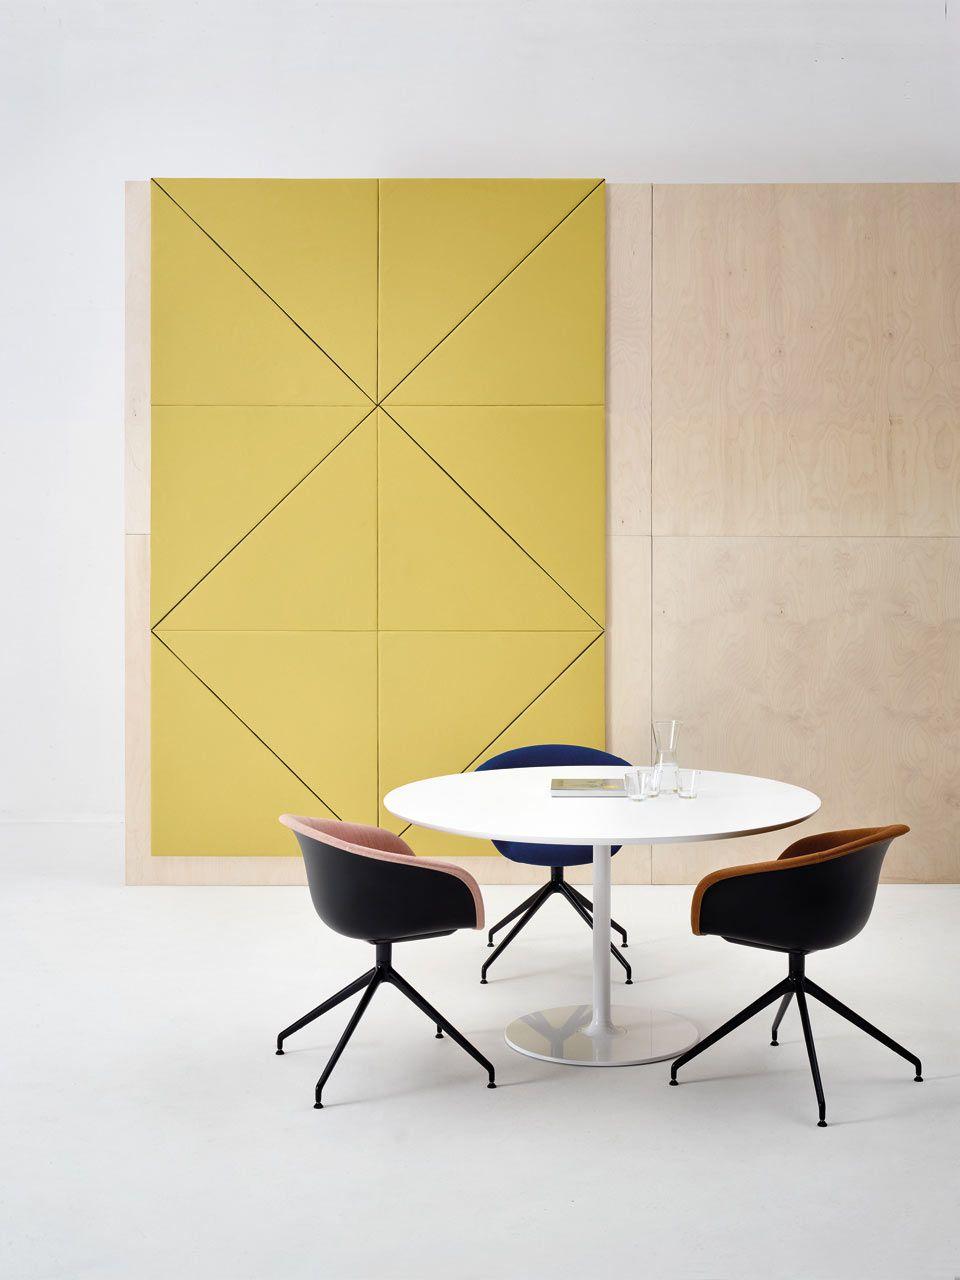 kelly martin interiors - blog - sound & vision ***** interior